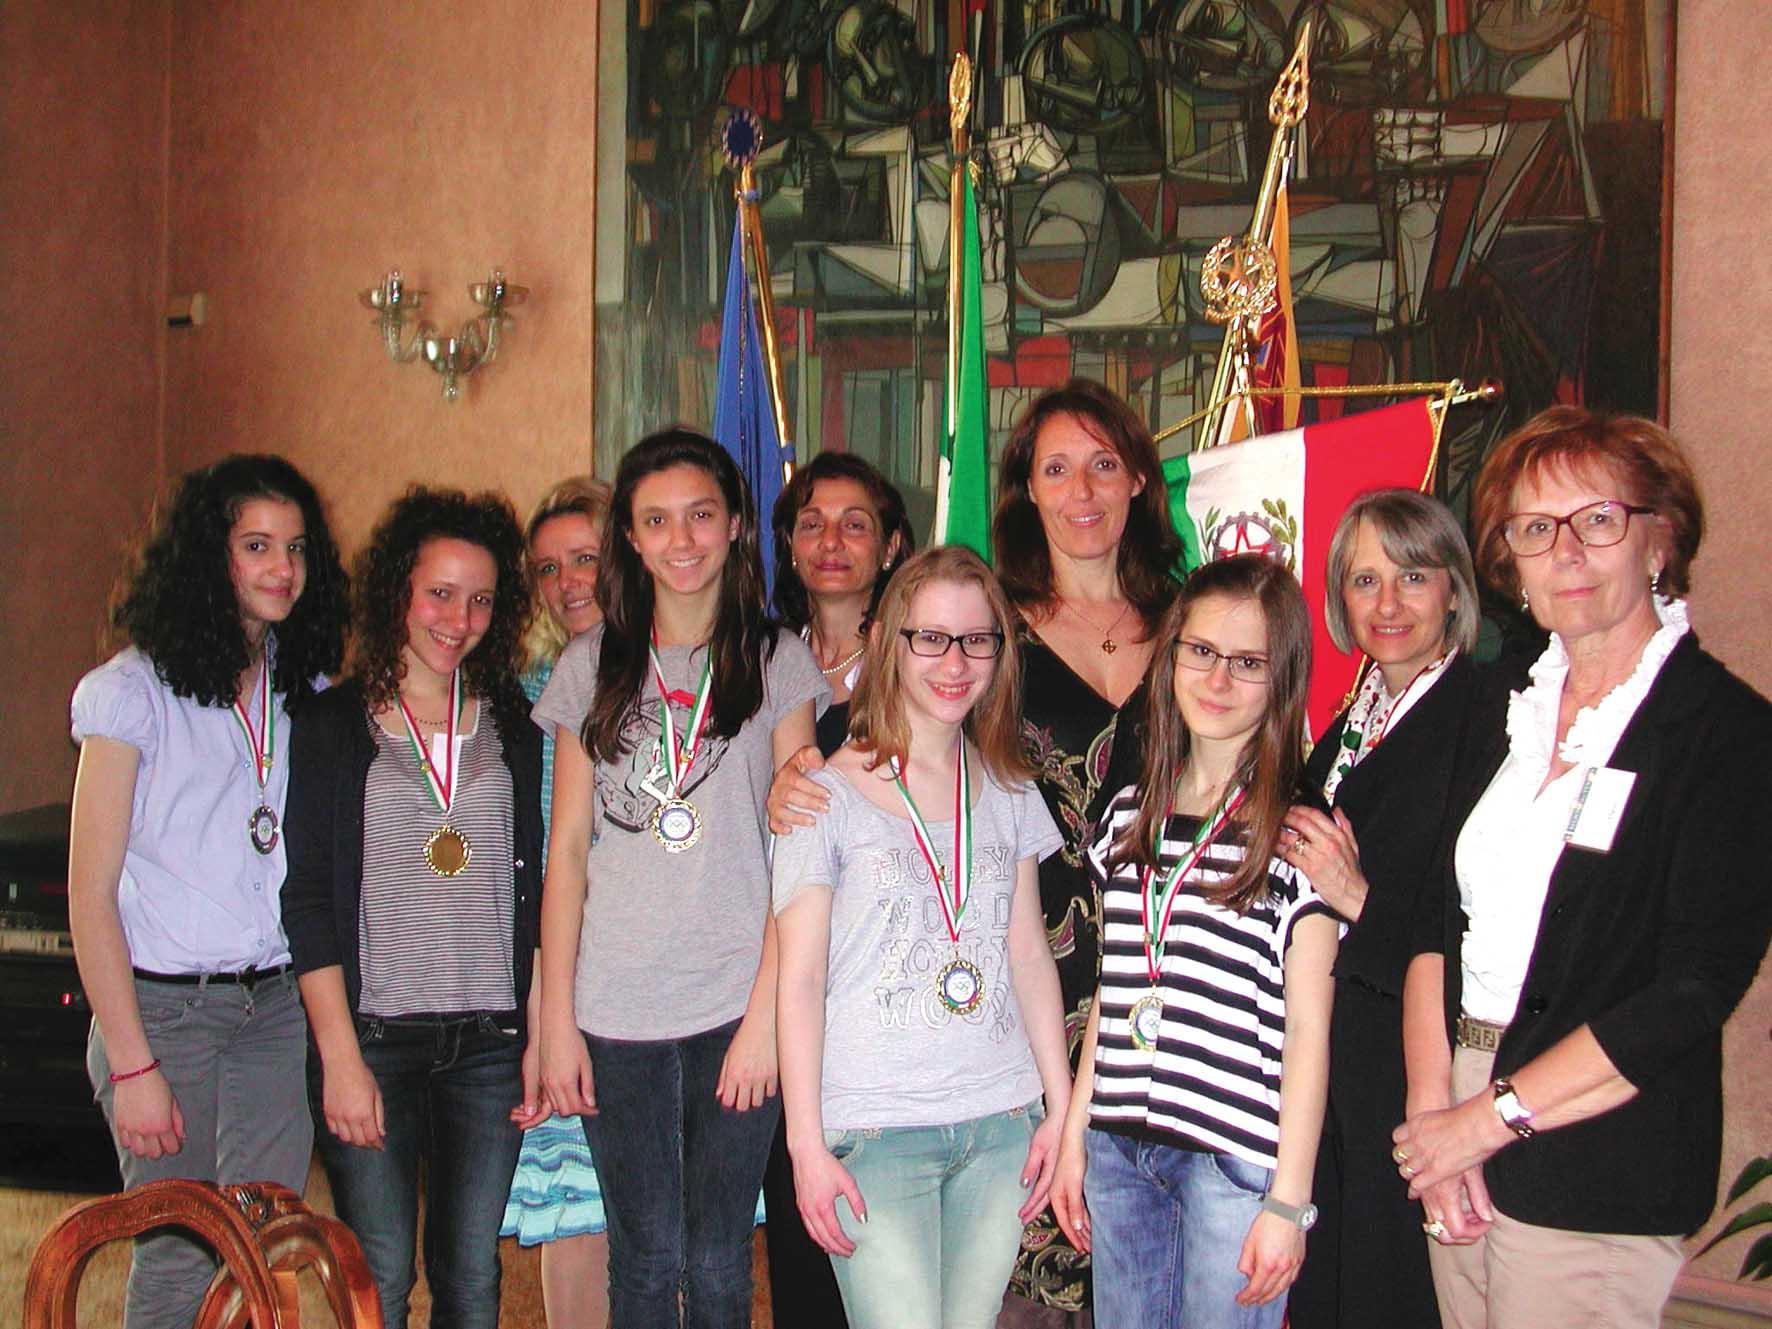 assessore donazzan incontra a venezia studenti istituto comprensivo di trissino vincitrici Olimpiadi Lingua Italiana 1